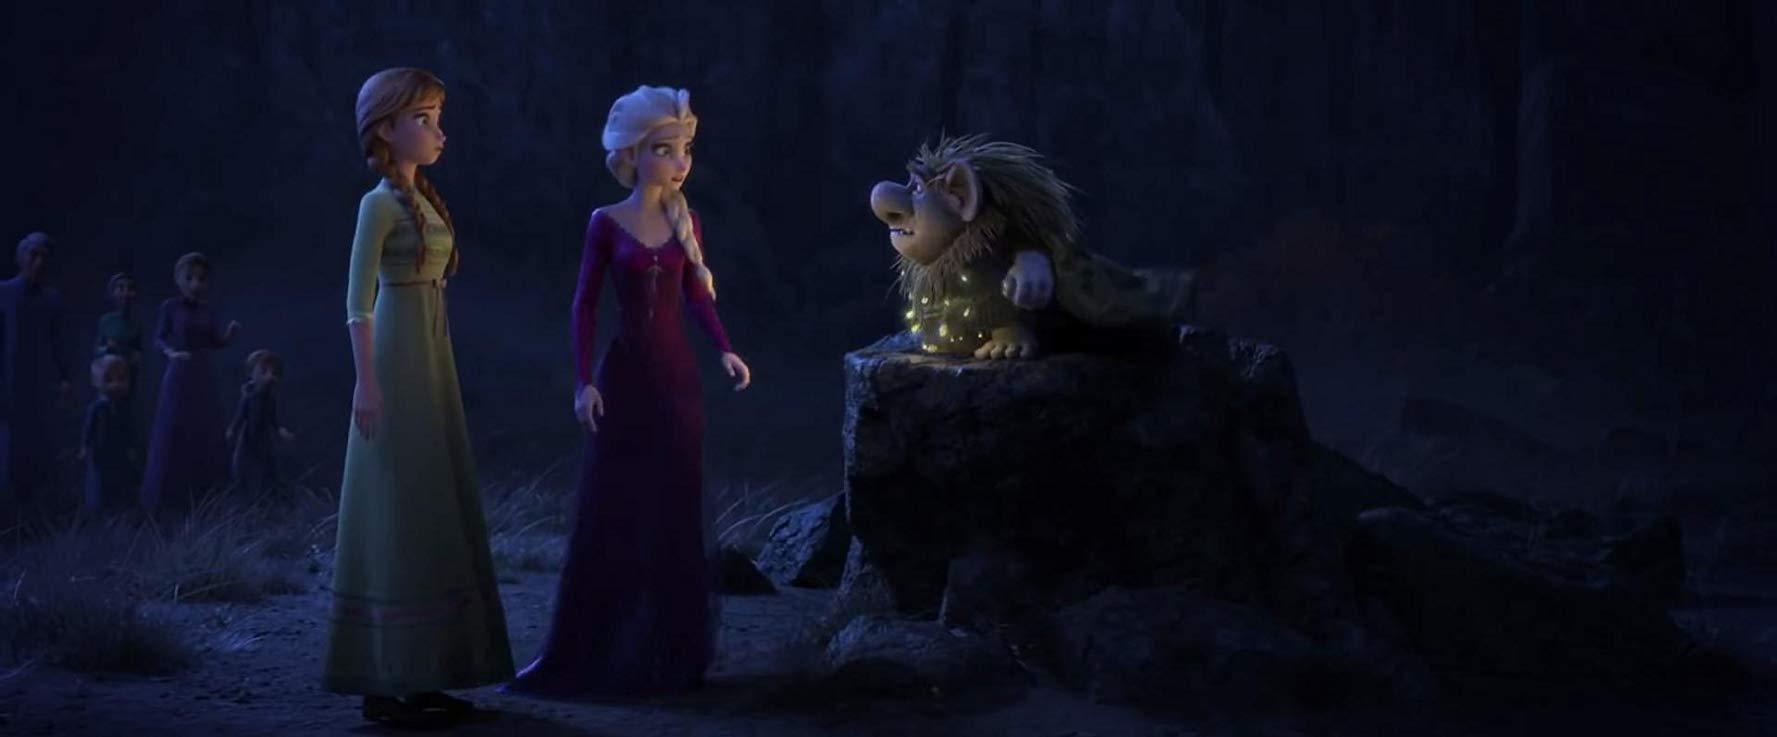 La Reine des neiges 2 2019 Regarder Streaming Complet VF en Français..